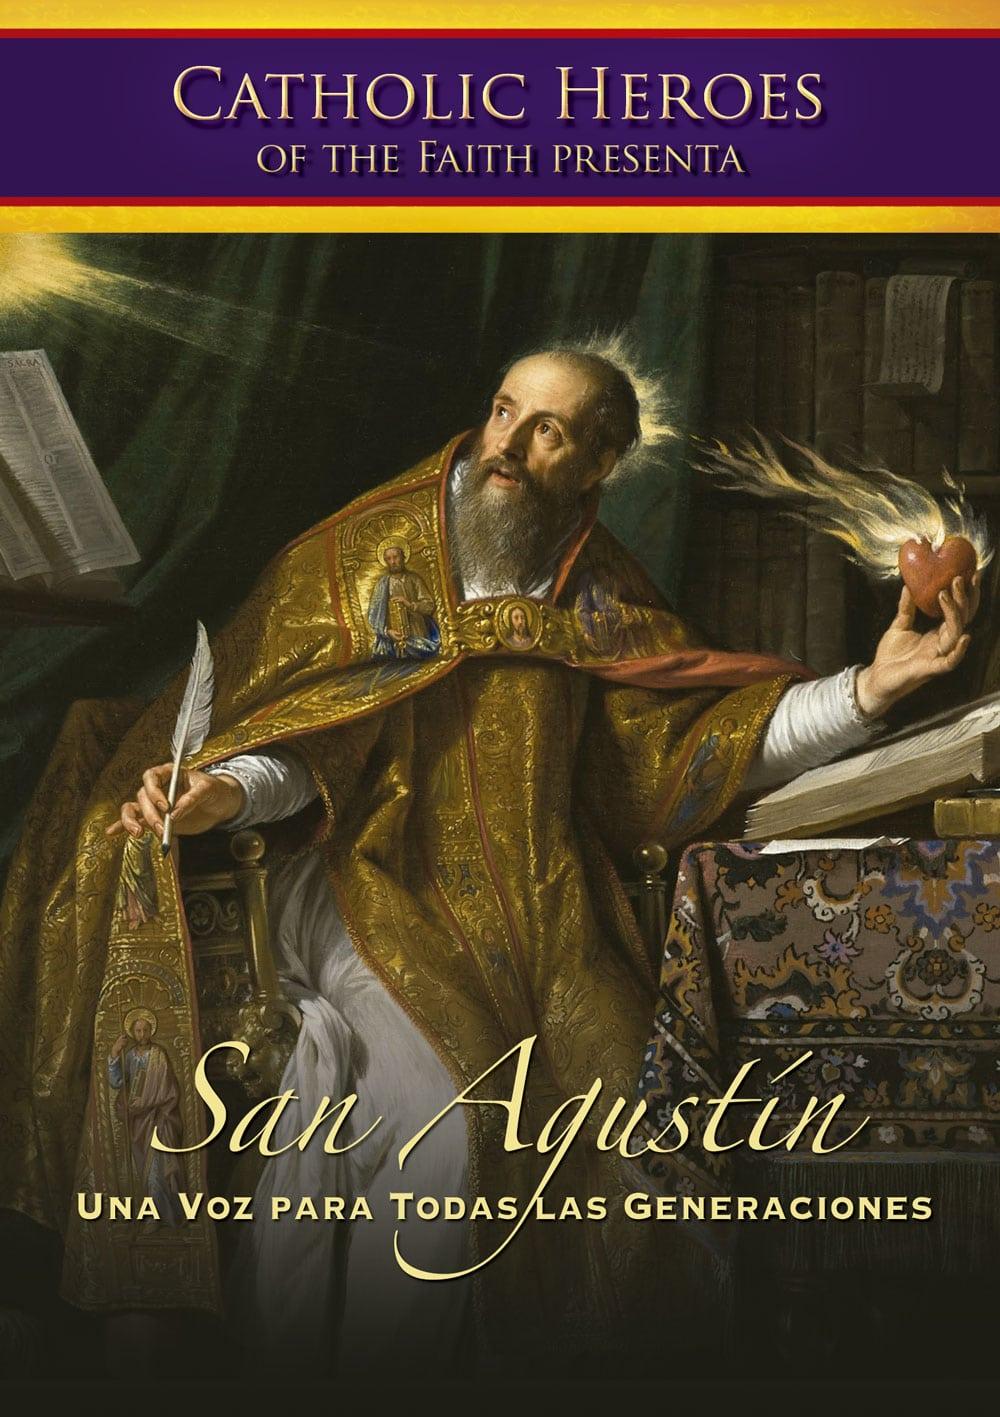 San Agustín: una voz para todas las generaciones